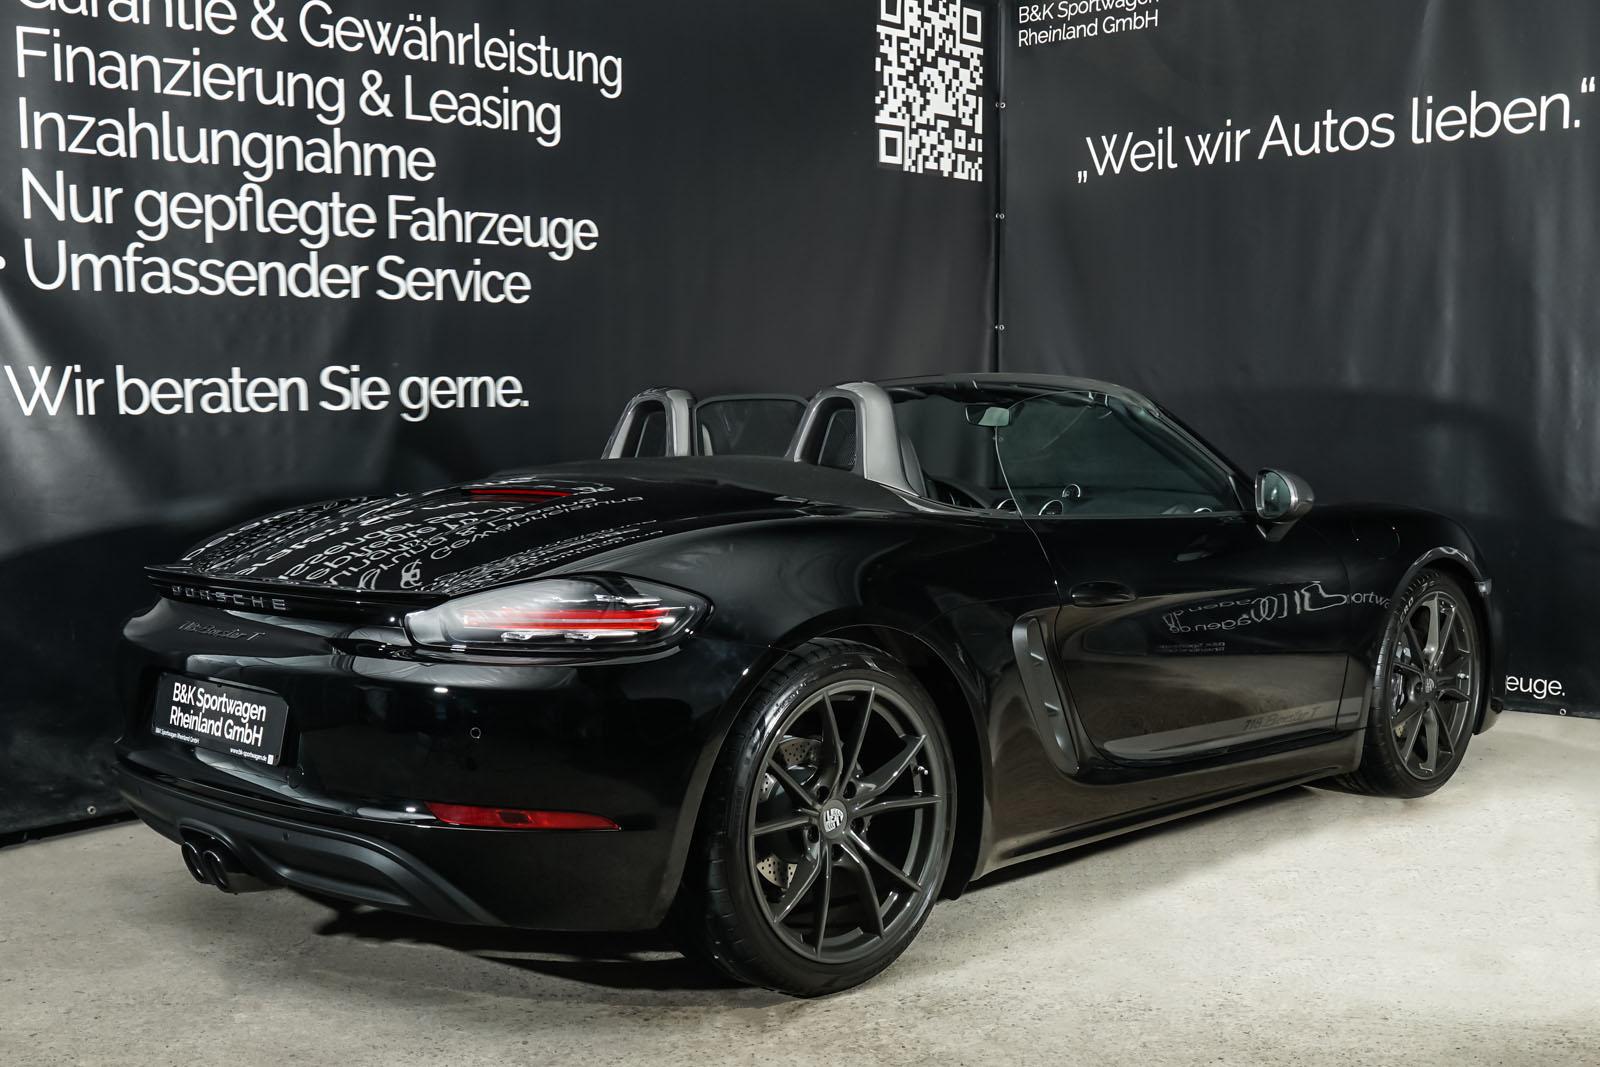 Porsche_718_BoxsterT_Schwarz_Schwarz_POR-1718_21_w